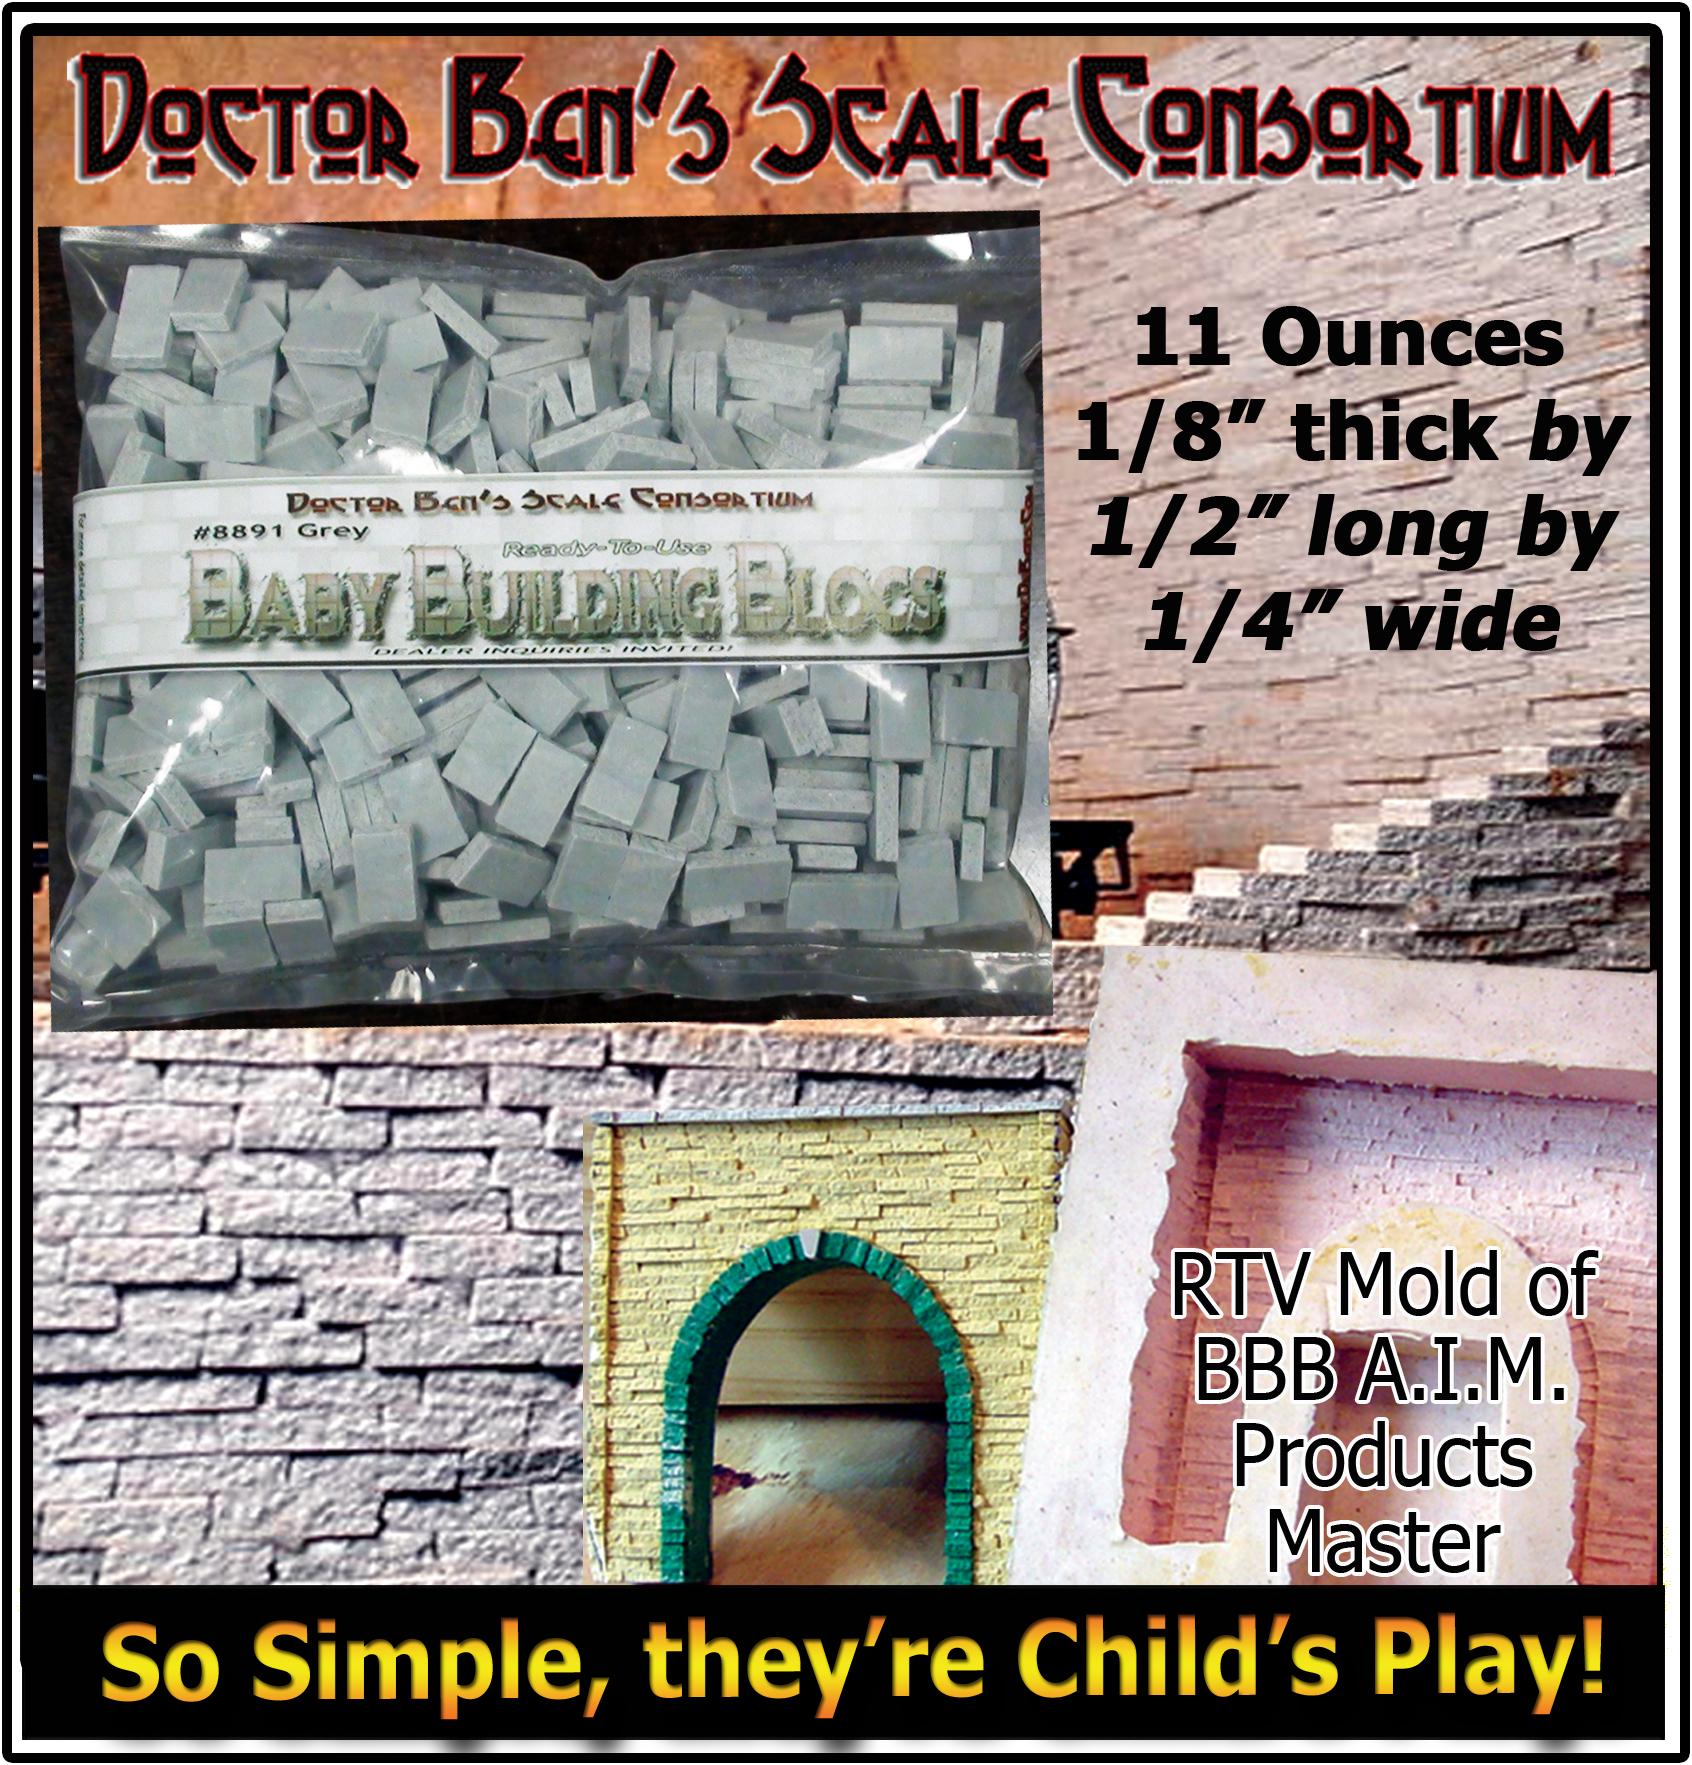 Doctor Ben's Baby Building Blocs Split Granite Textures